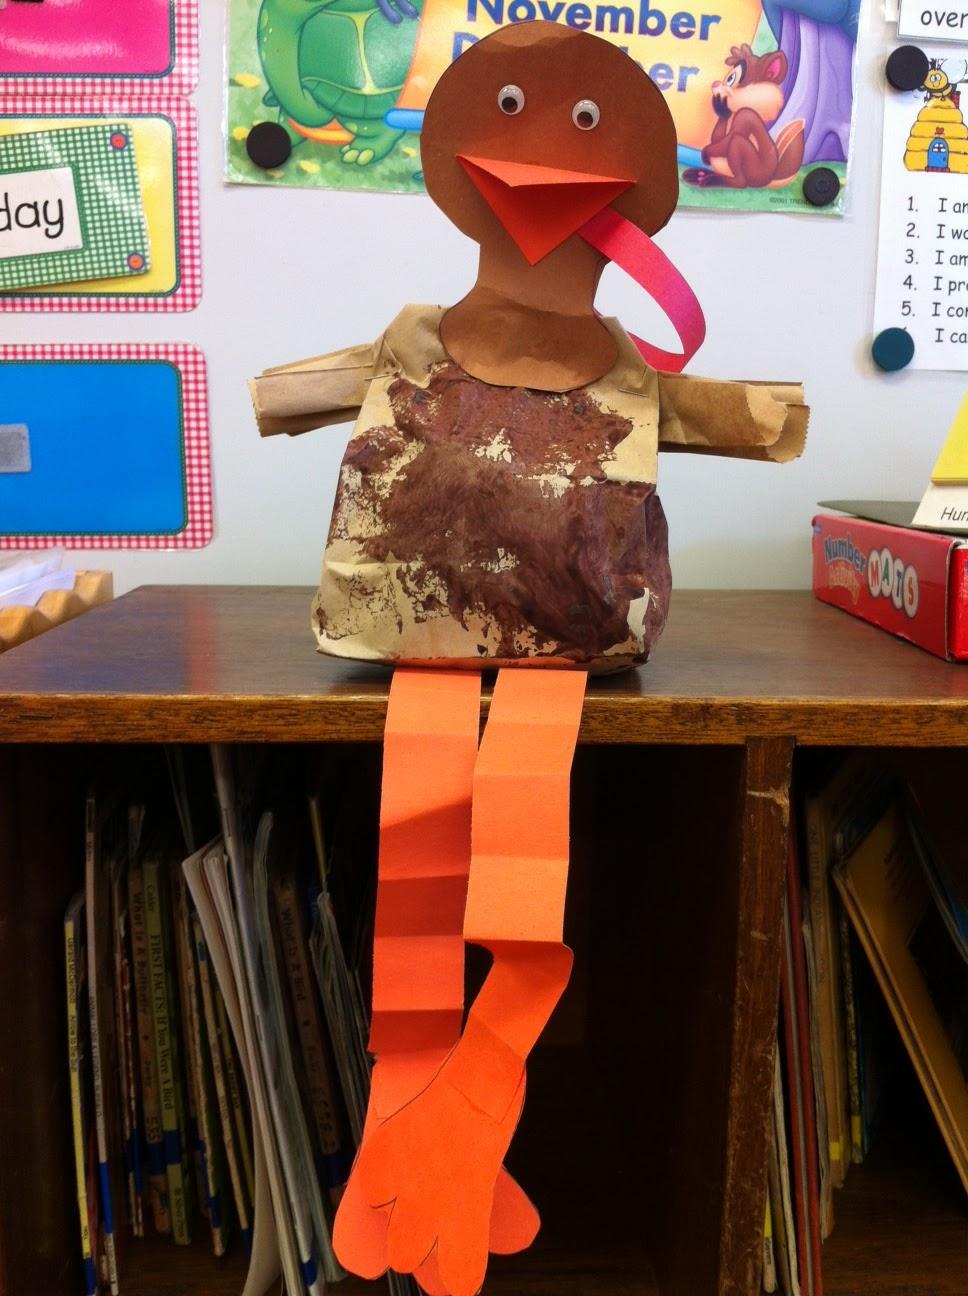 Kinder Garden: Kindergarten Kids At Play: Thanksgiving Crafts